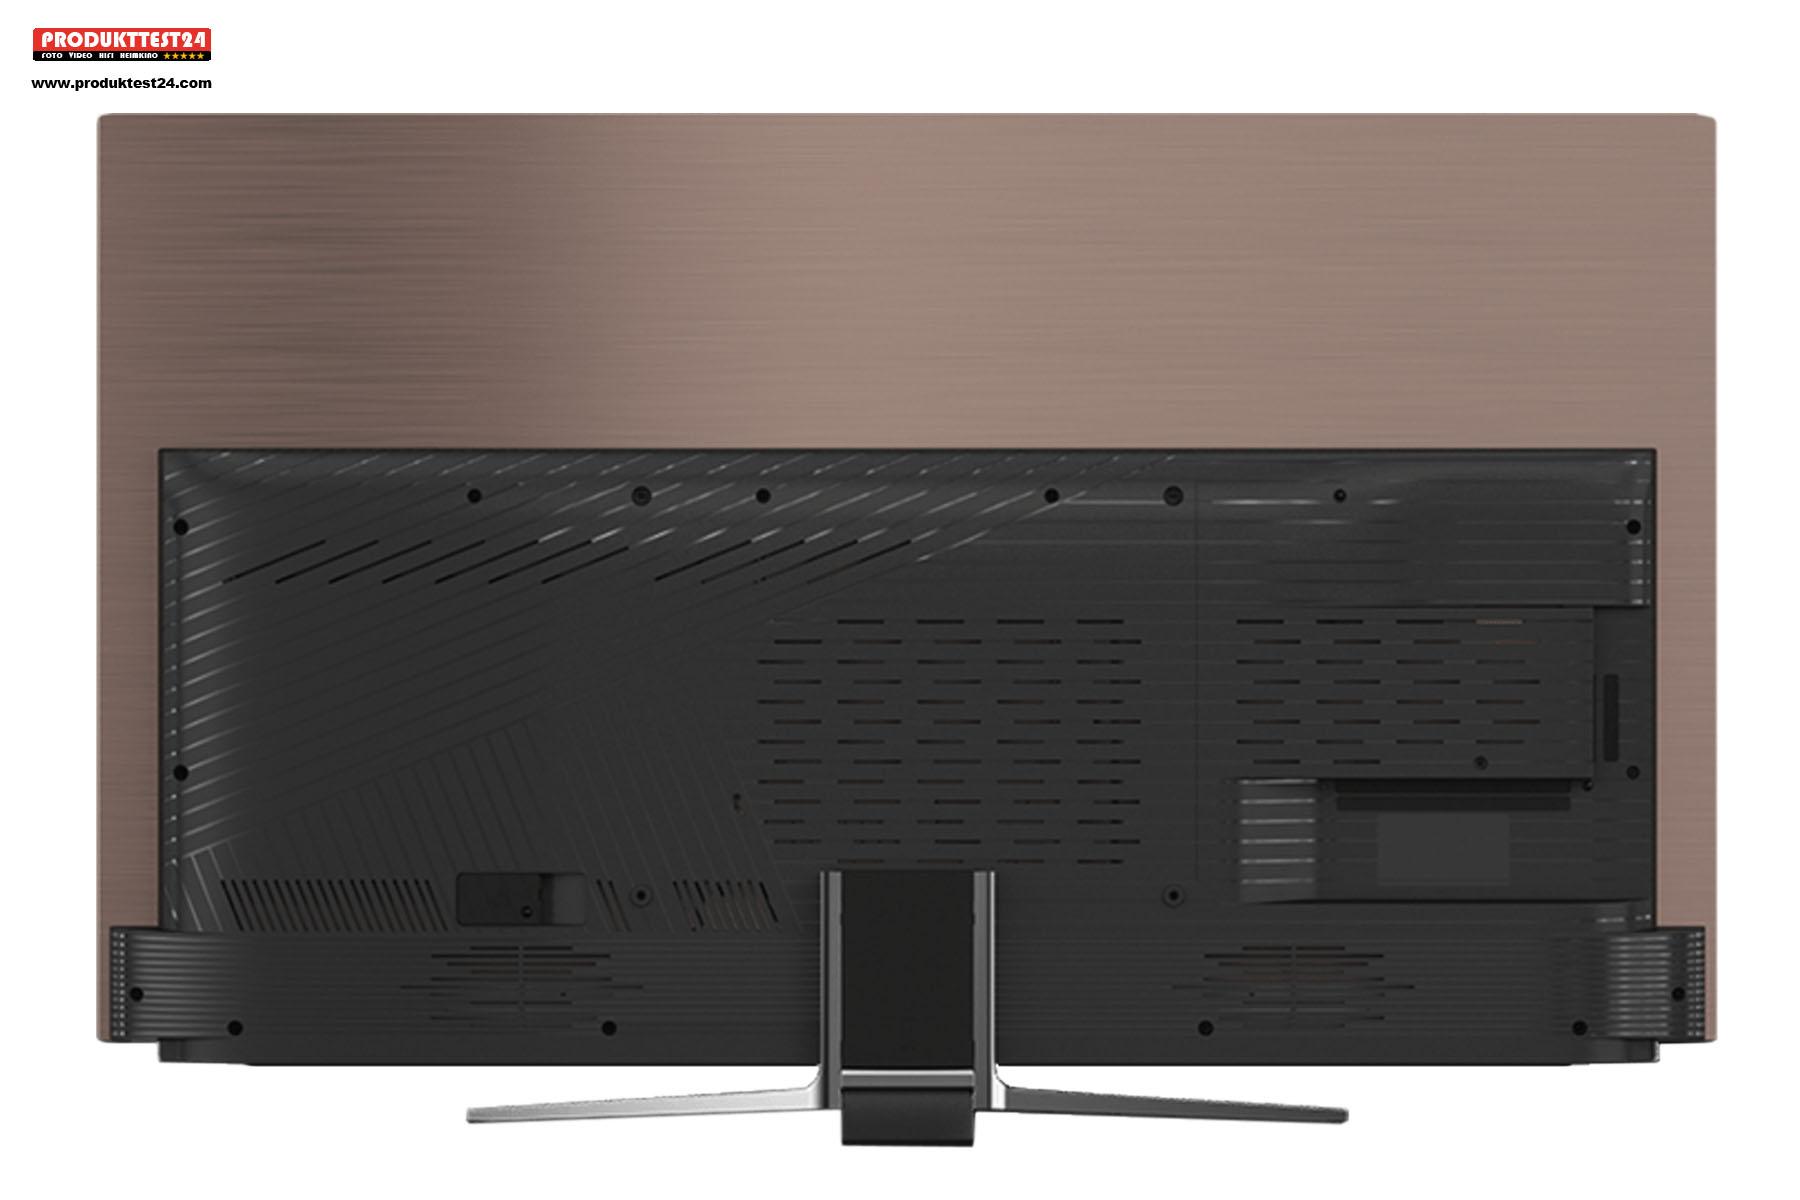 Die Rückseite des 65 Zoll OLED TV